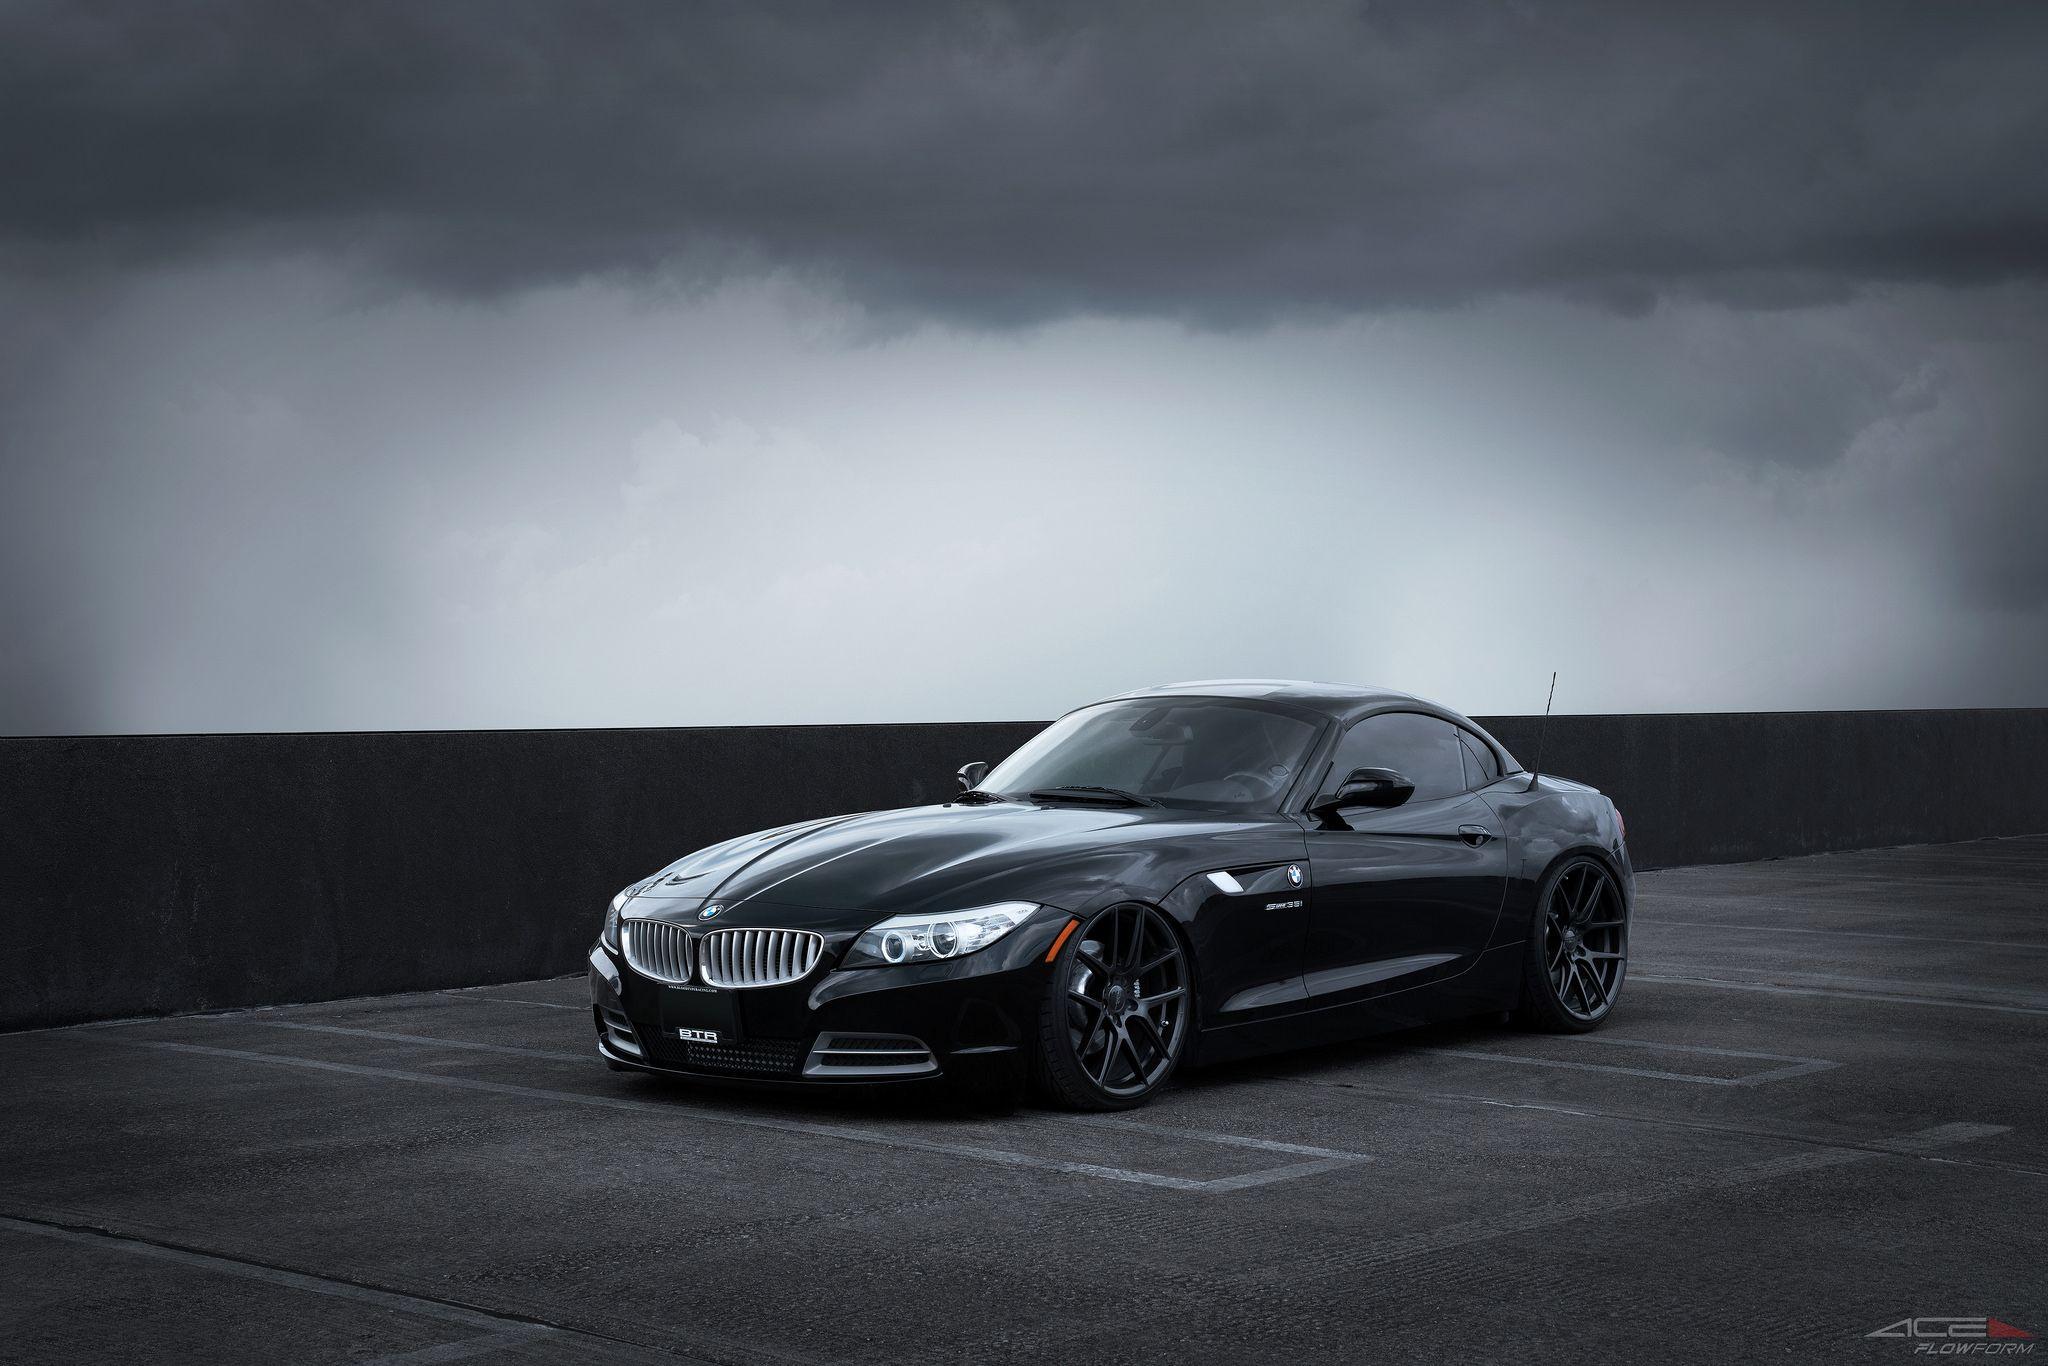 Image result for BMW z4